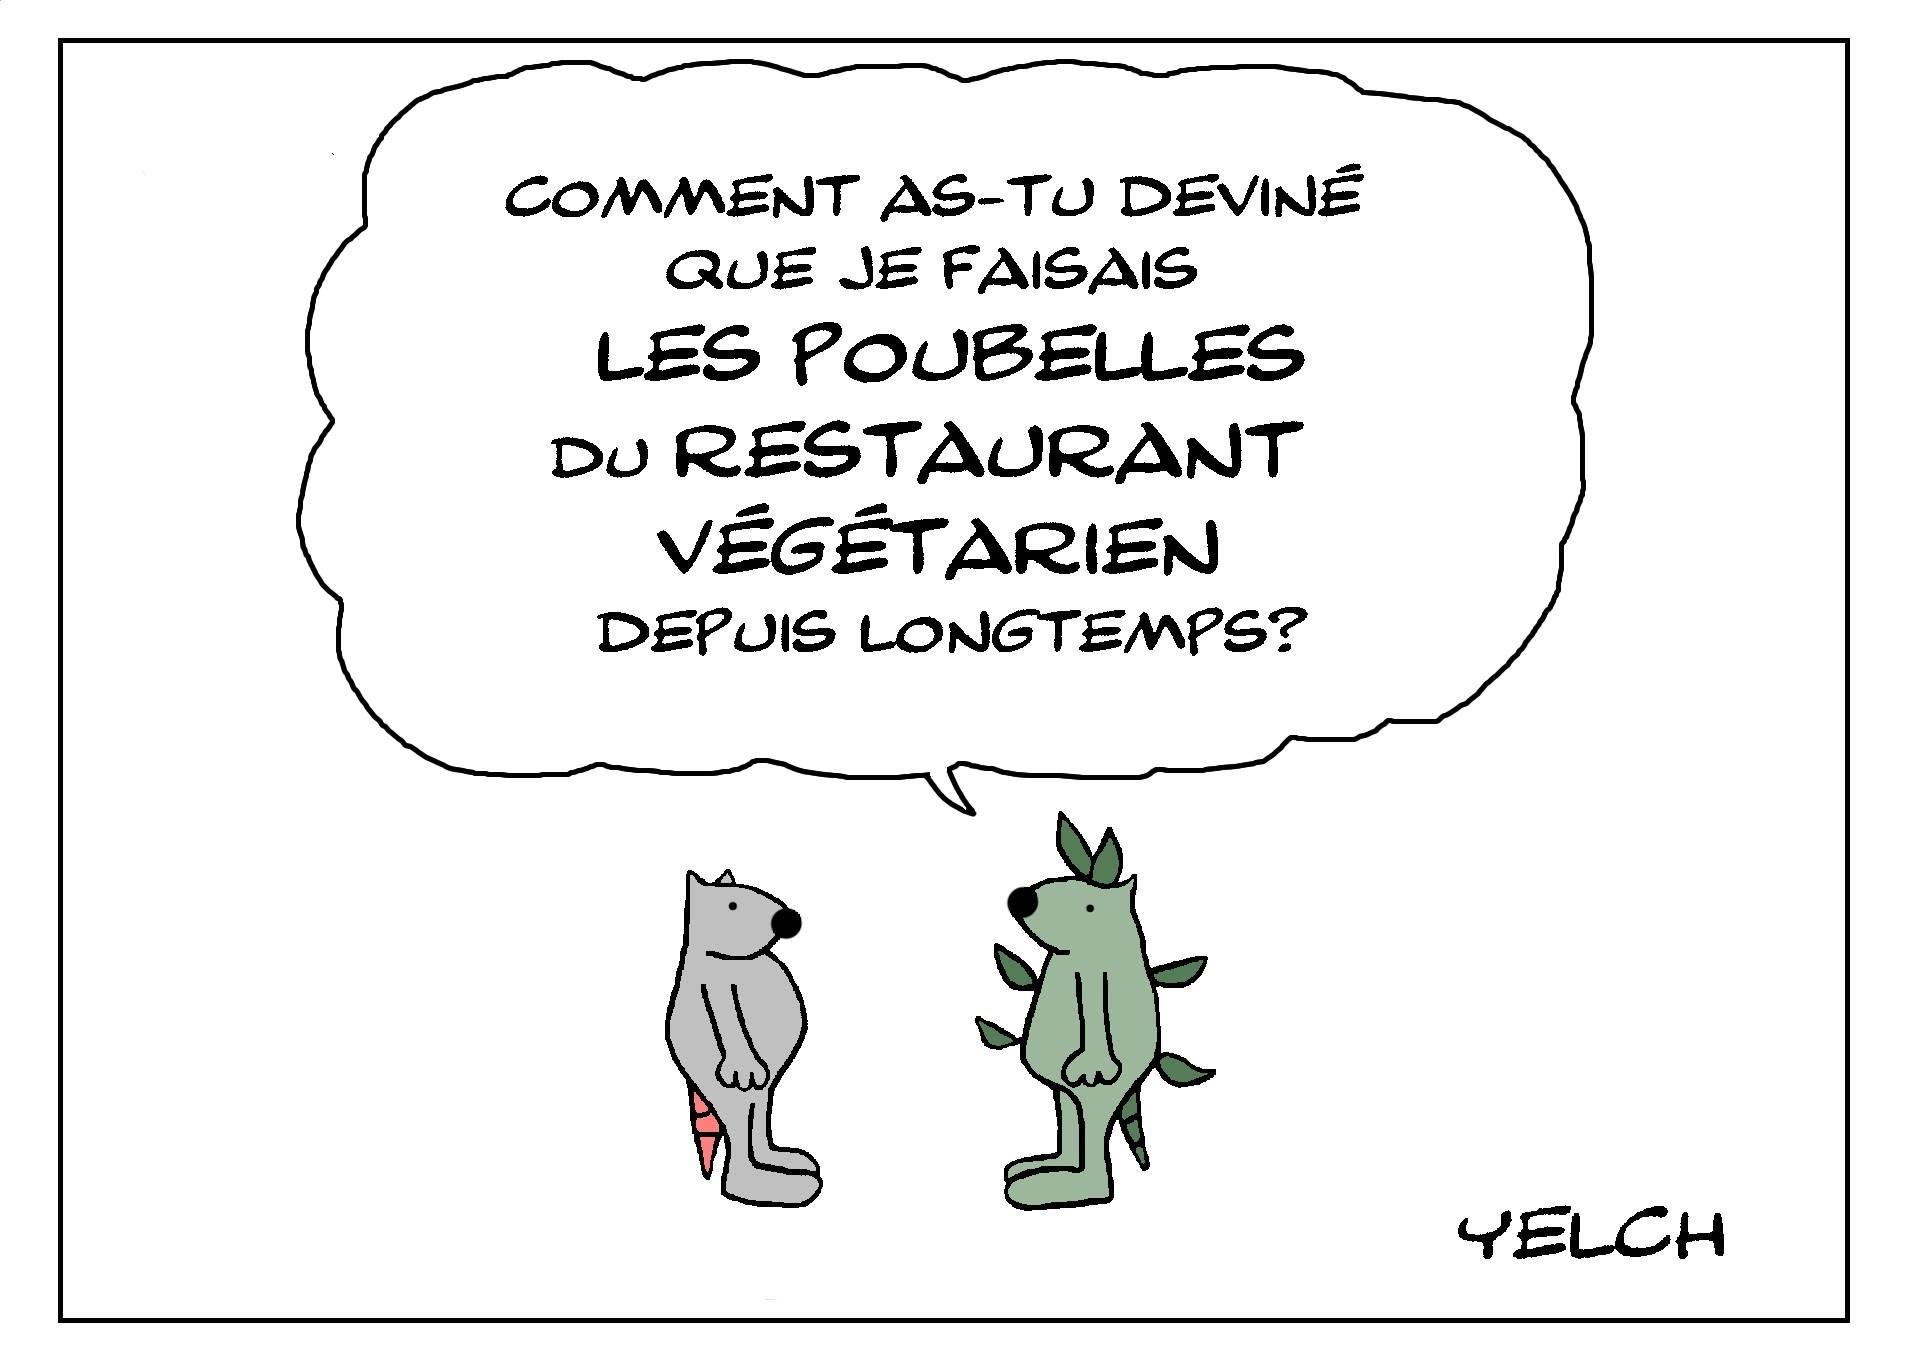 Grains Chef Nouveauté Tablier de quoi Vegan Zombies Eat Végétarien Pun Blague